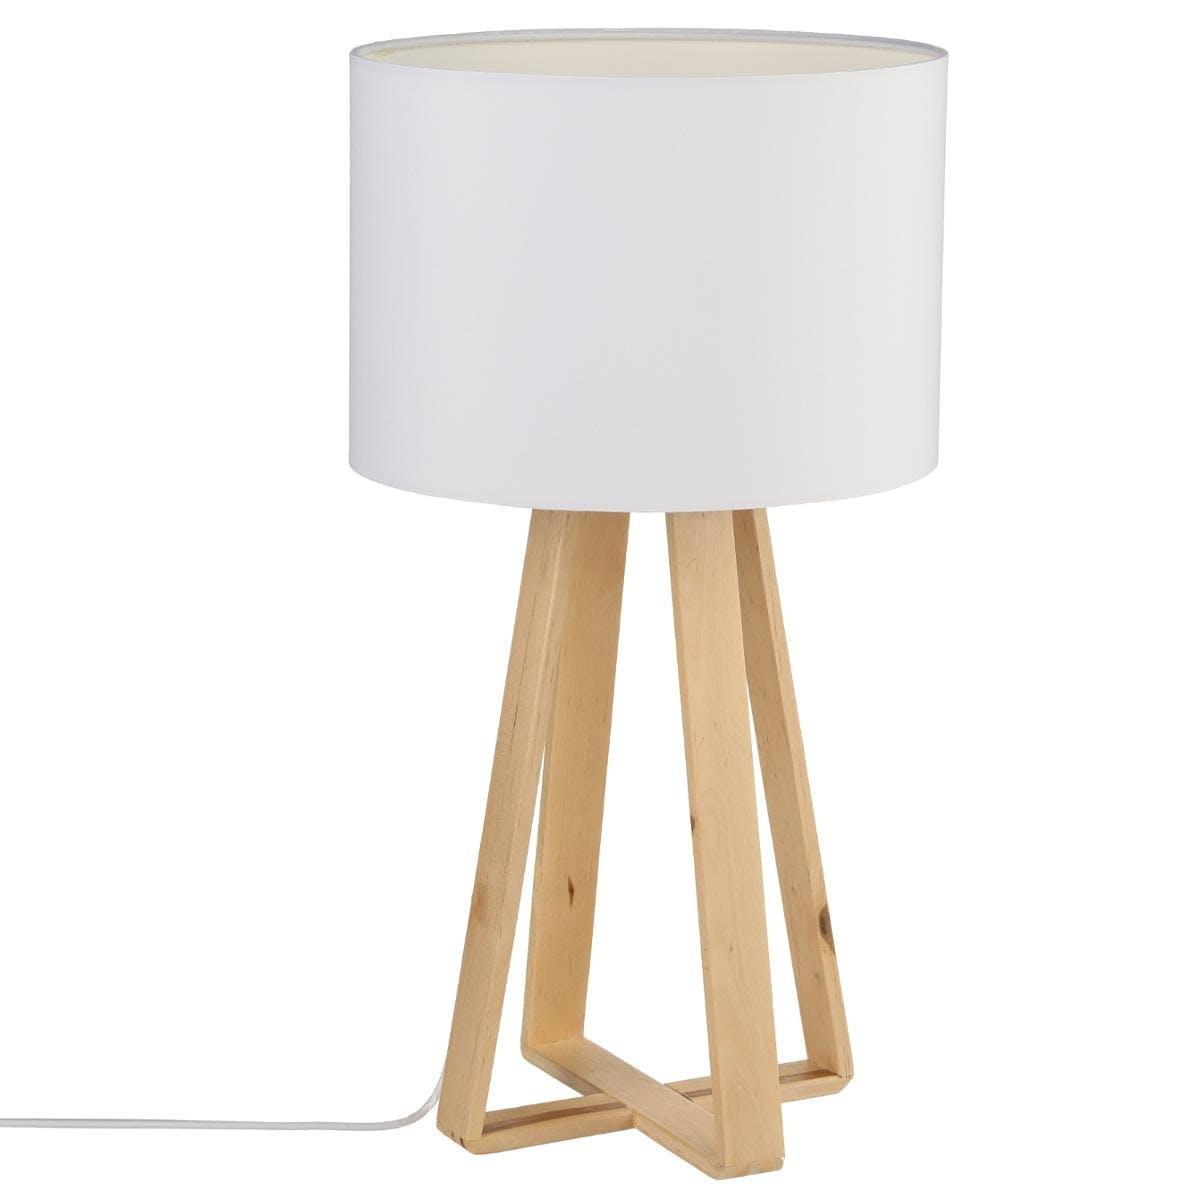 Lampe pieds bois naturel style scandinave et abat-jour blanc H47,5cm